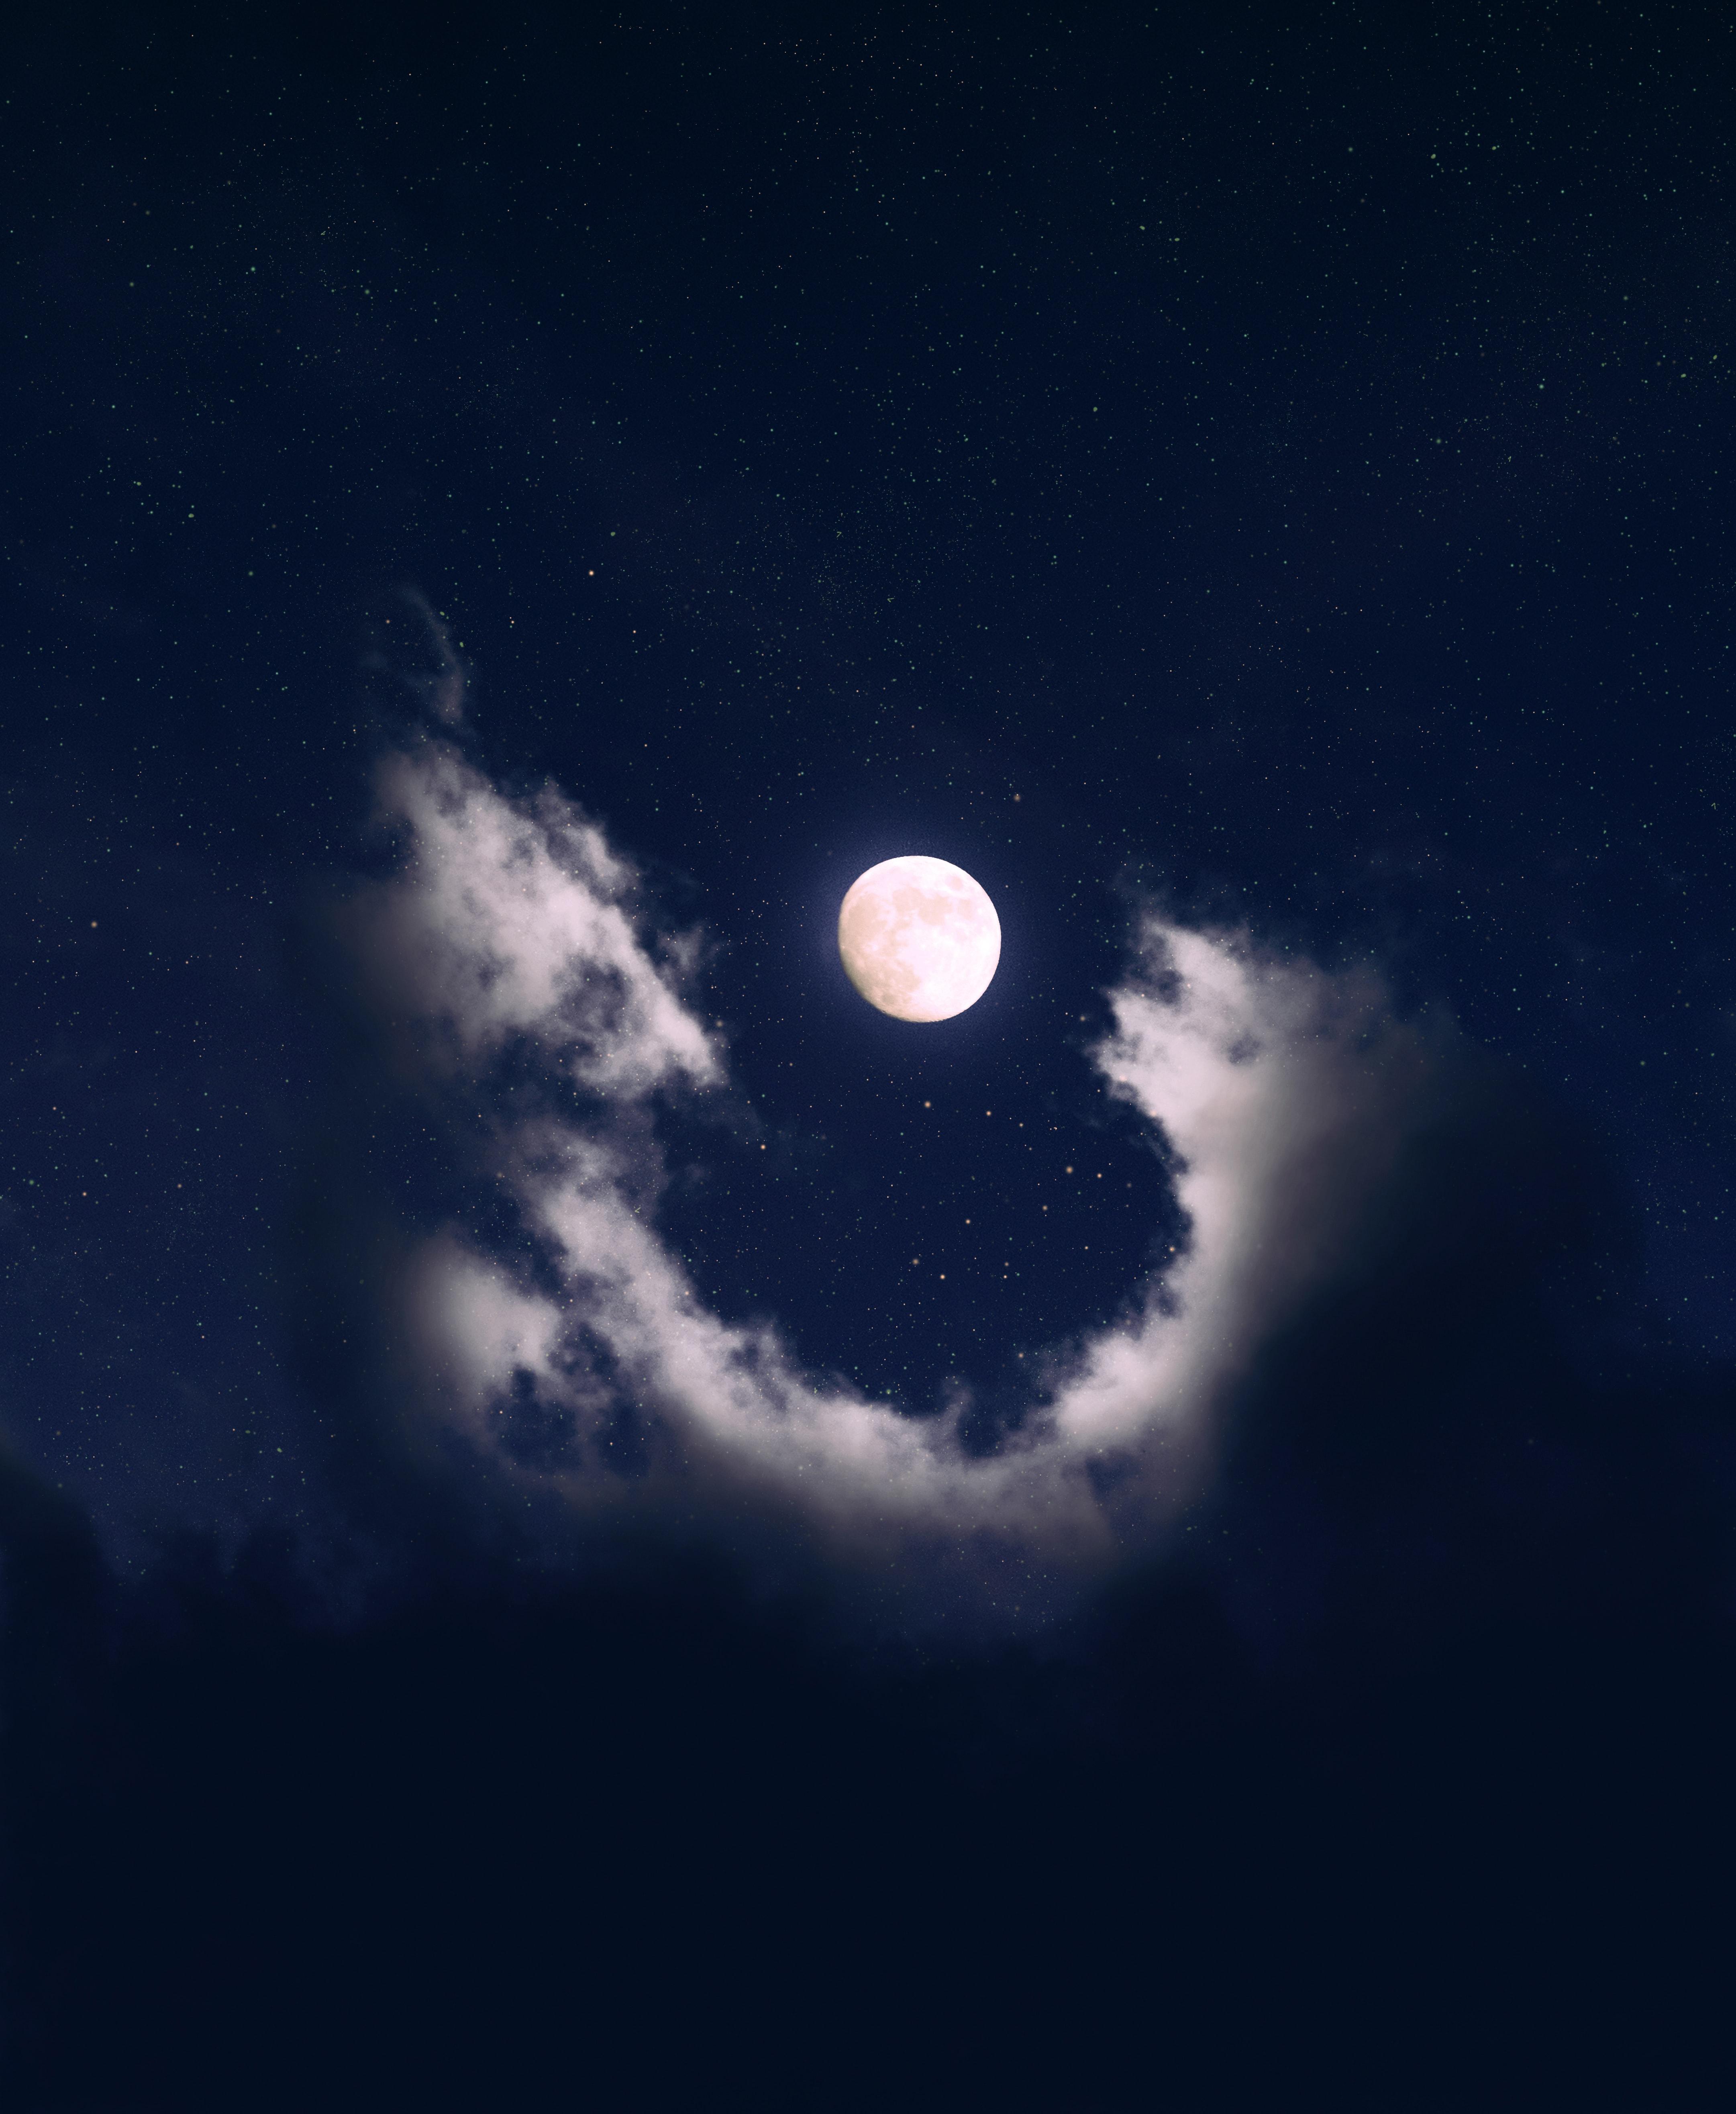 124302 Заставки и Обои Луна на телефон. Скачать Луна, Космос, Звезды, Ночь, Звездное Небо картинки бесплатно